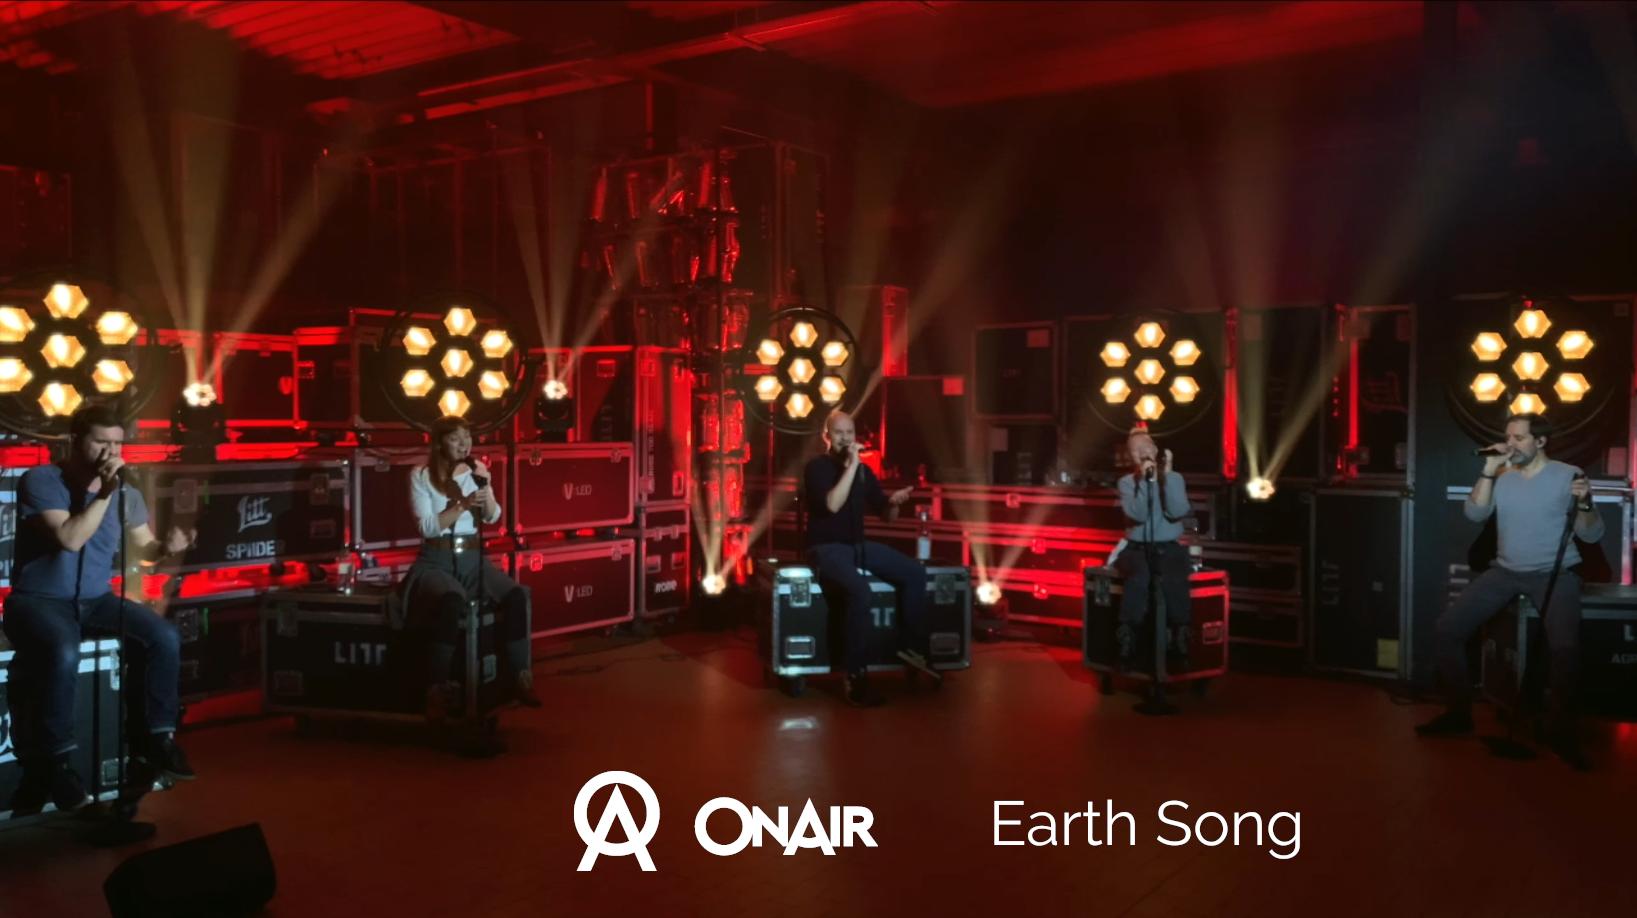 ONAIR – Earth Song